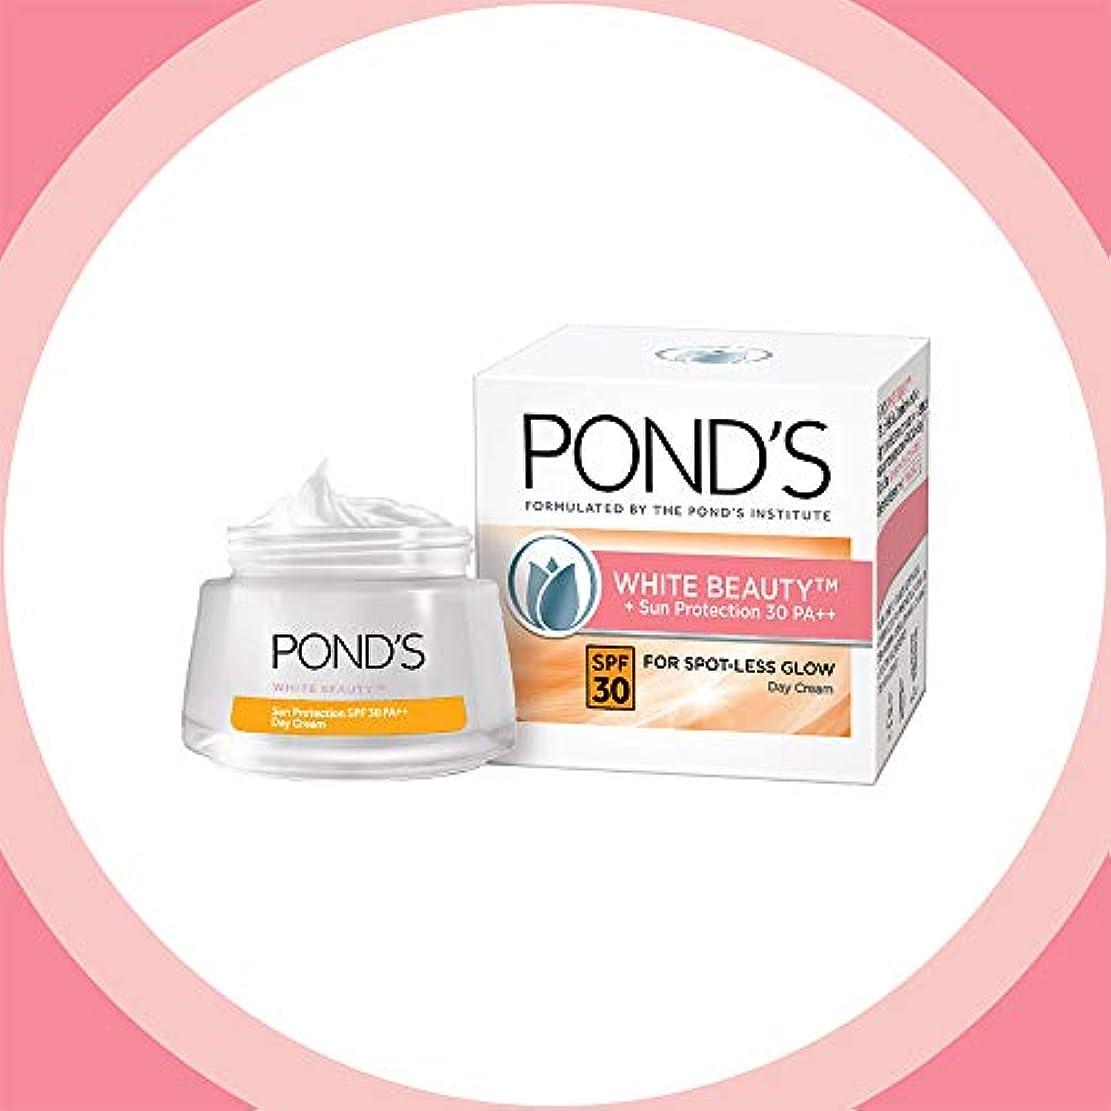 犯人おもしろいセンブランスPOND'S White Beauty Sun Protection SPF 30 Day Cream, 50 g